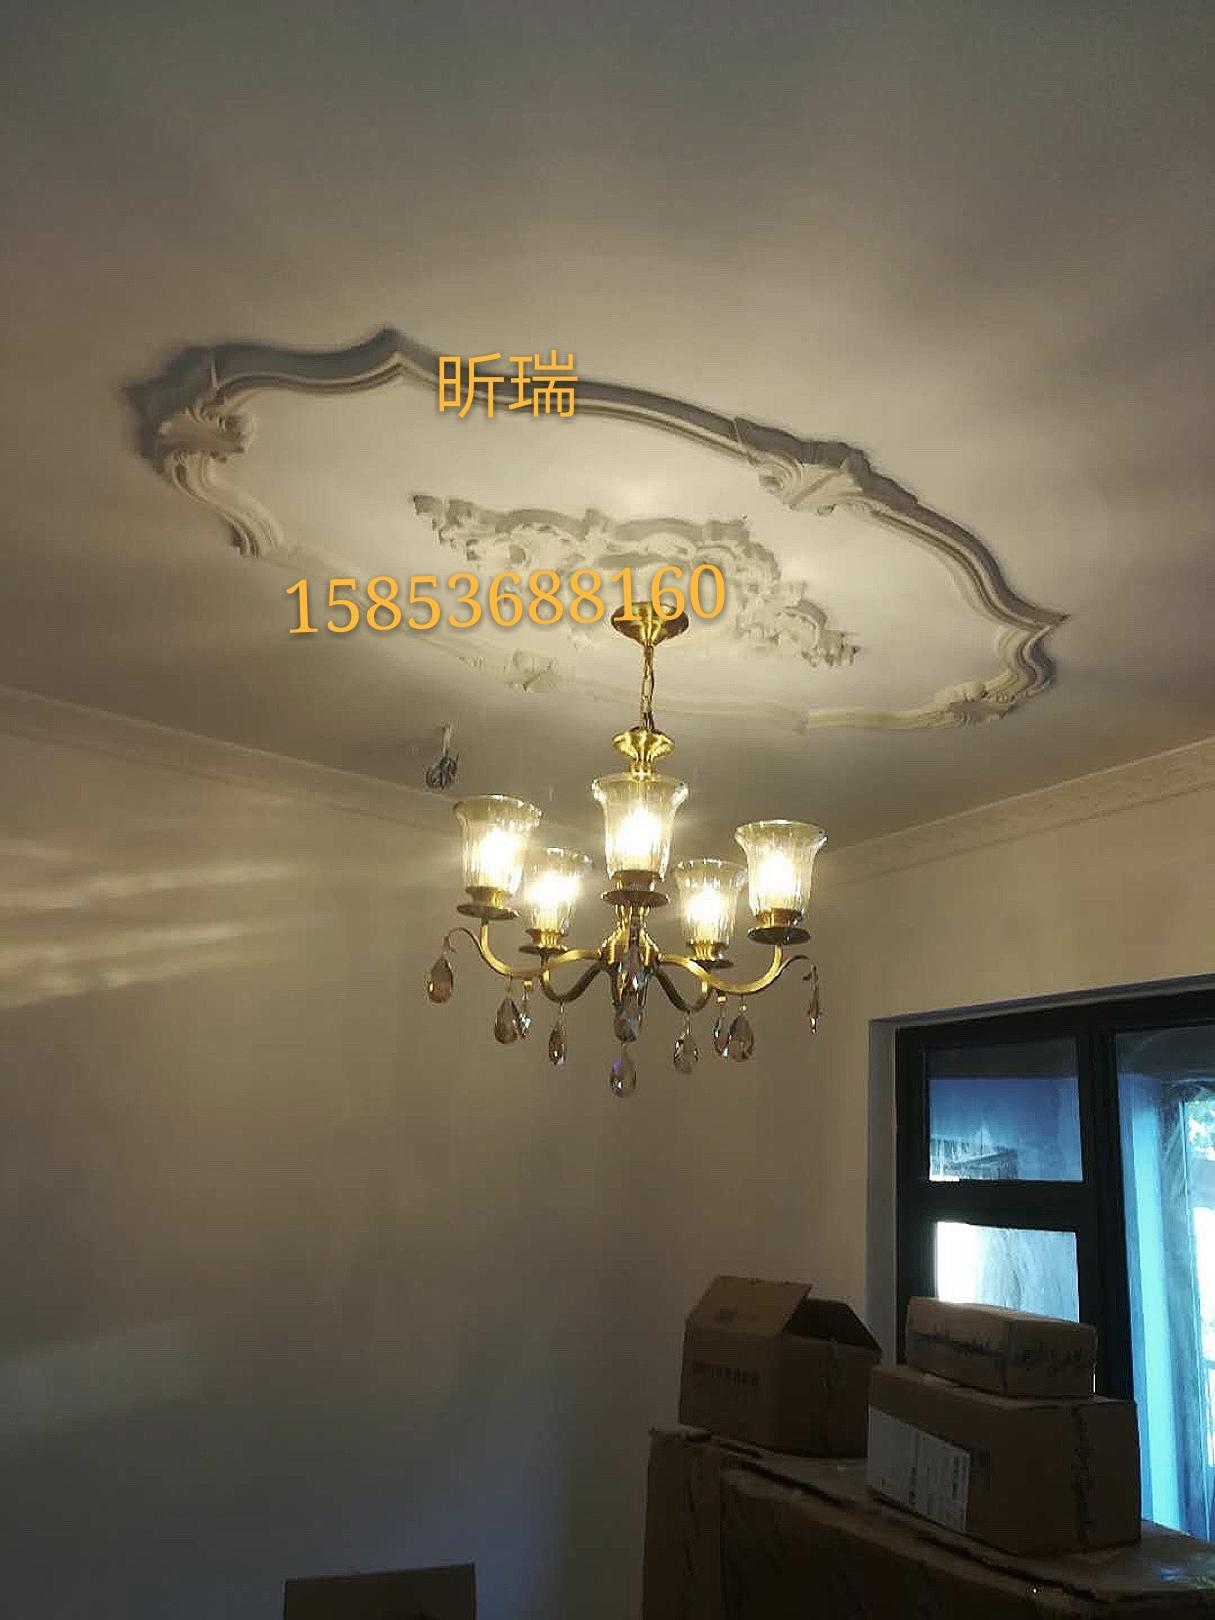 欧式石膏灯圈灯池灯盘灯饰材料天花吊顶材料屋顶花角墙画石膏线